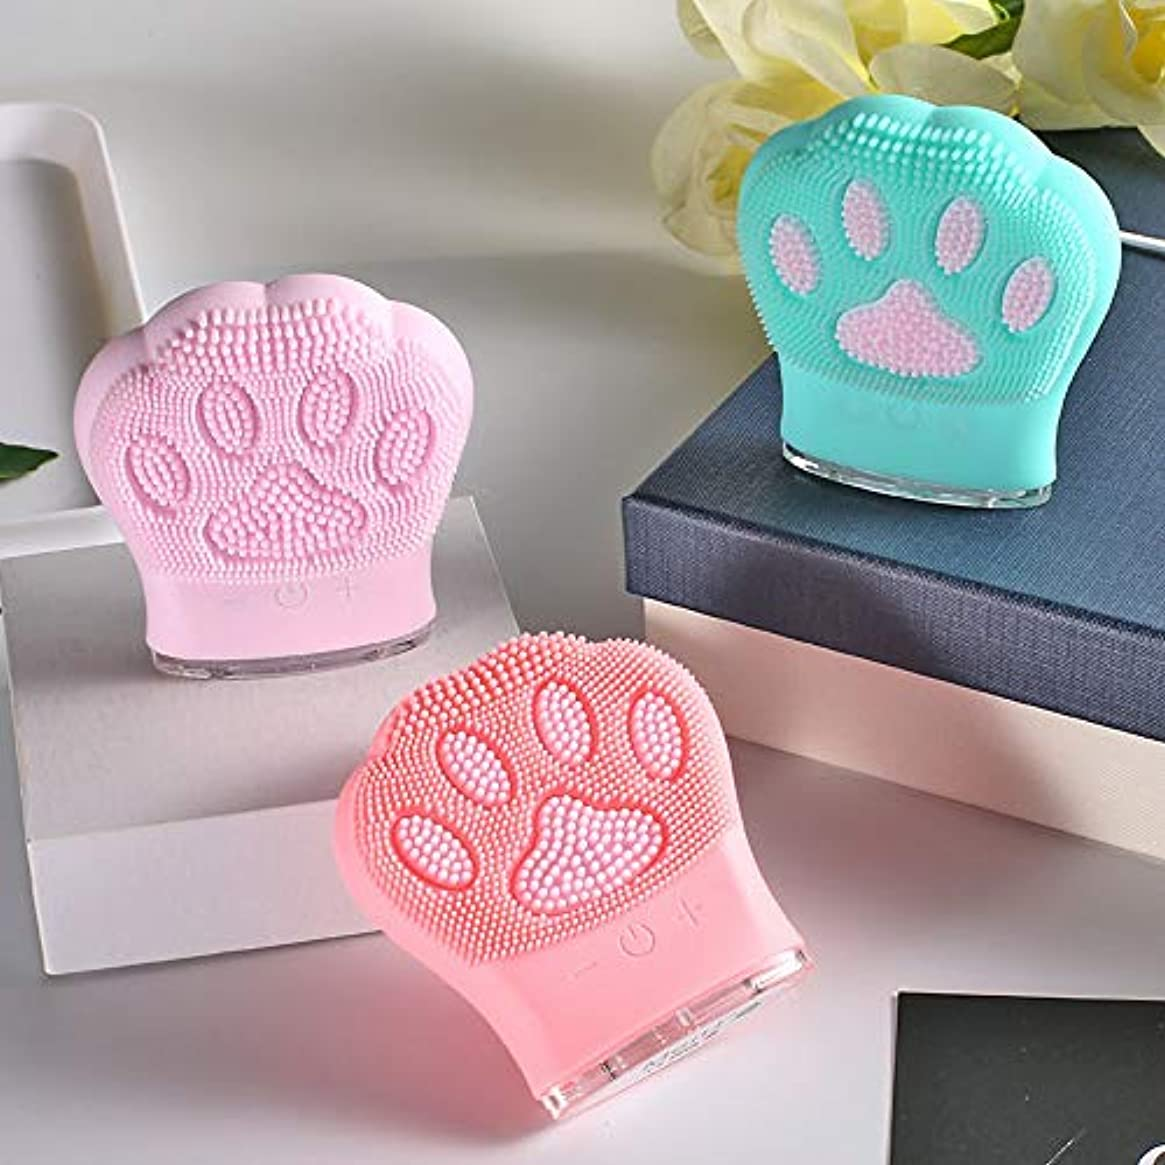 競合他社選手干渉する崖ZXF 新しい猫の爪形状シリコーンクレンジング楽器超音波充電洗顔器具ガールフレンド小さなギフト洗浄ブラシピンク赤青セクション 滑らかである (色 : Pink)